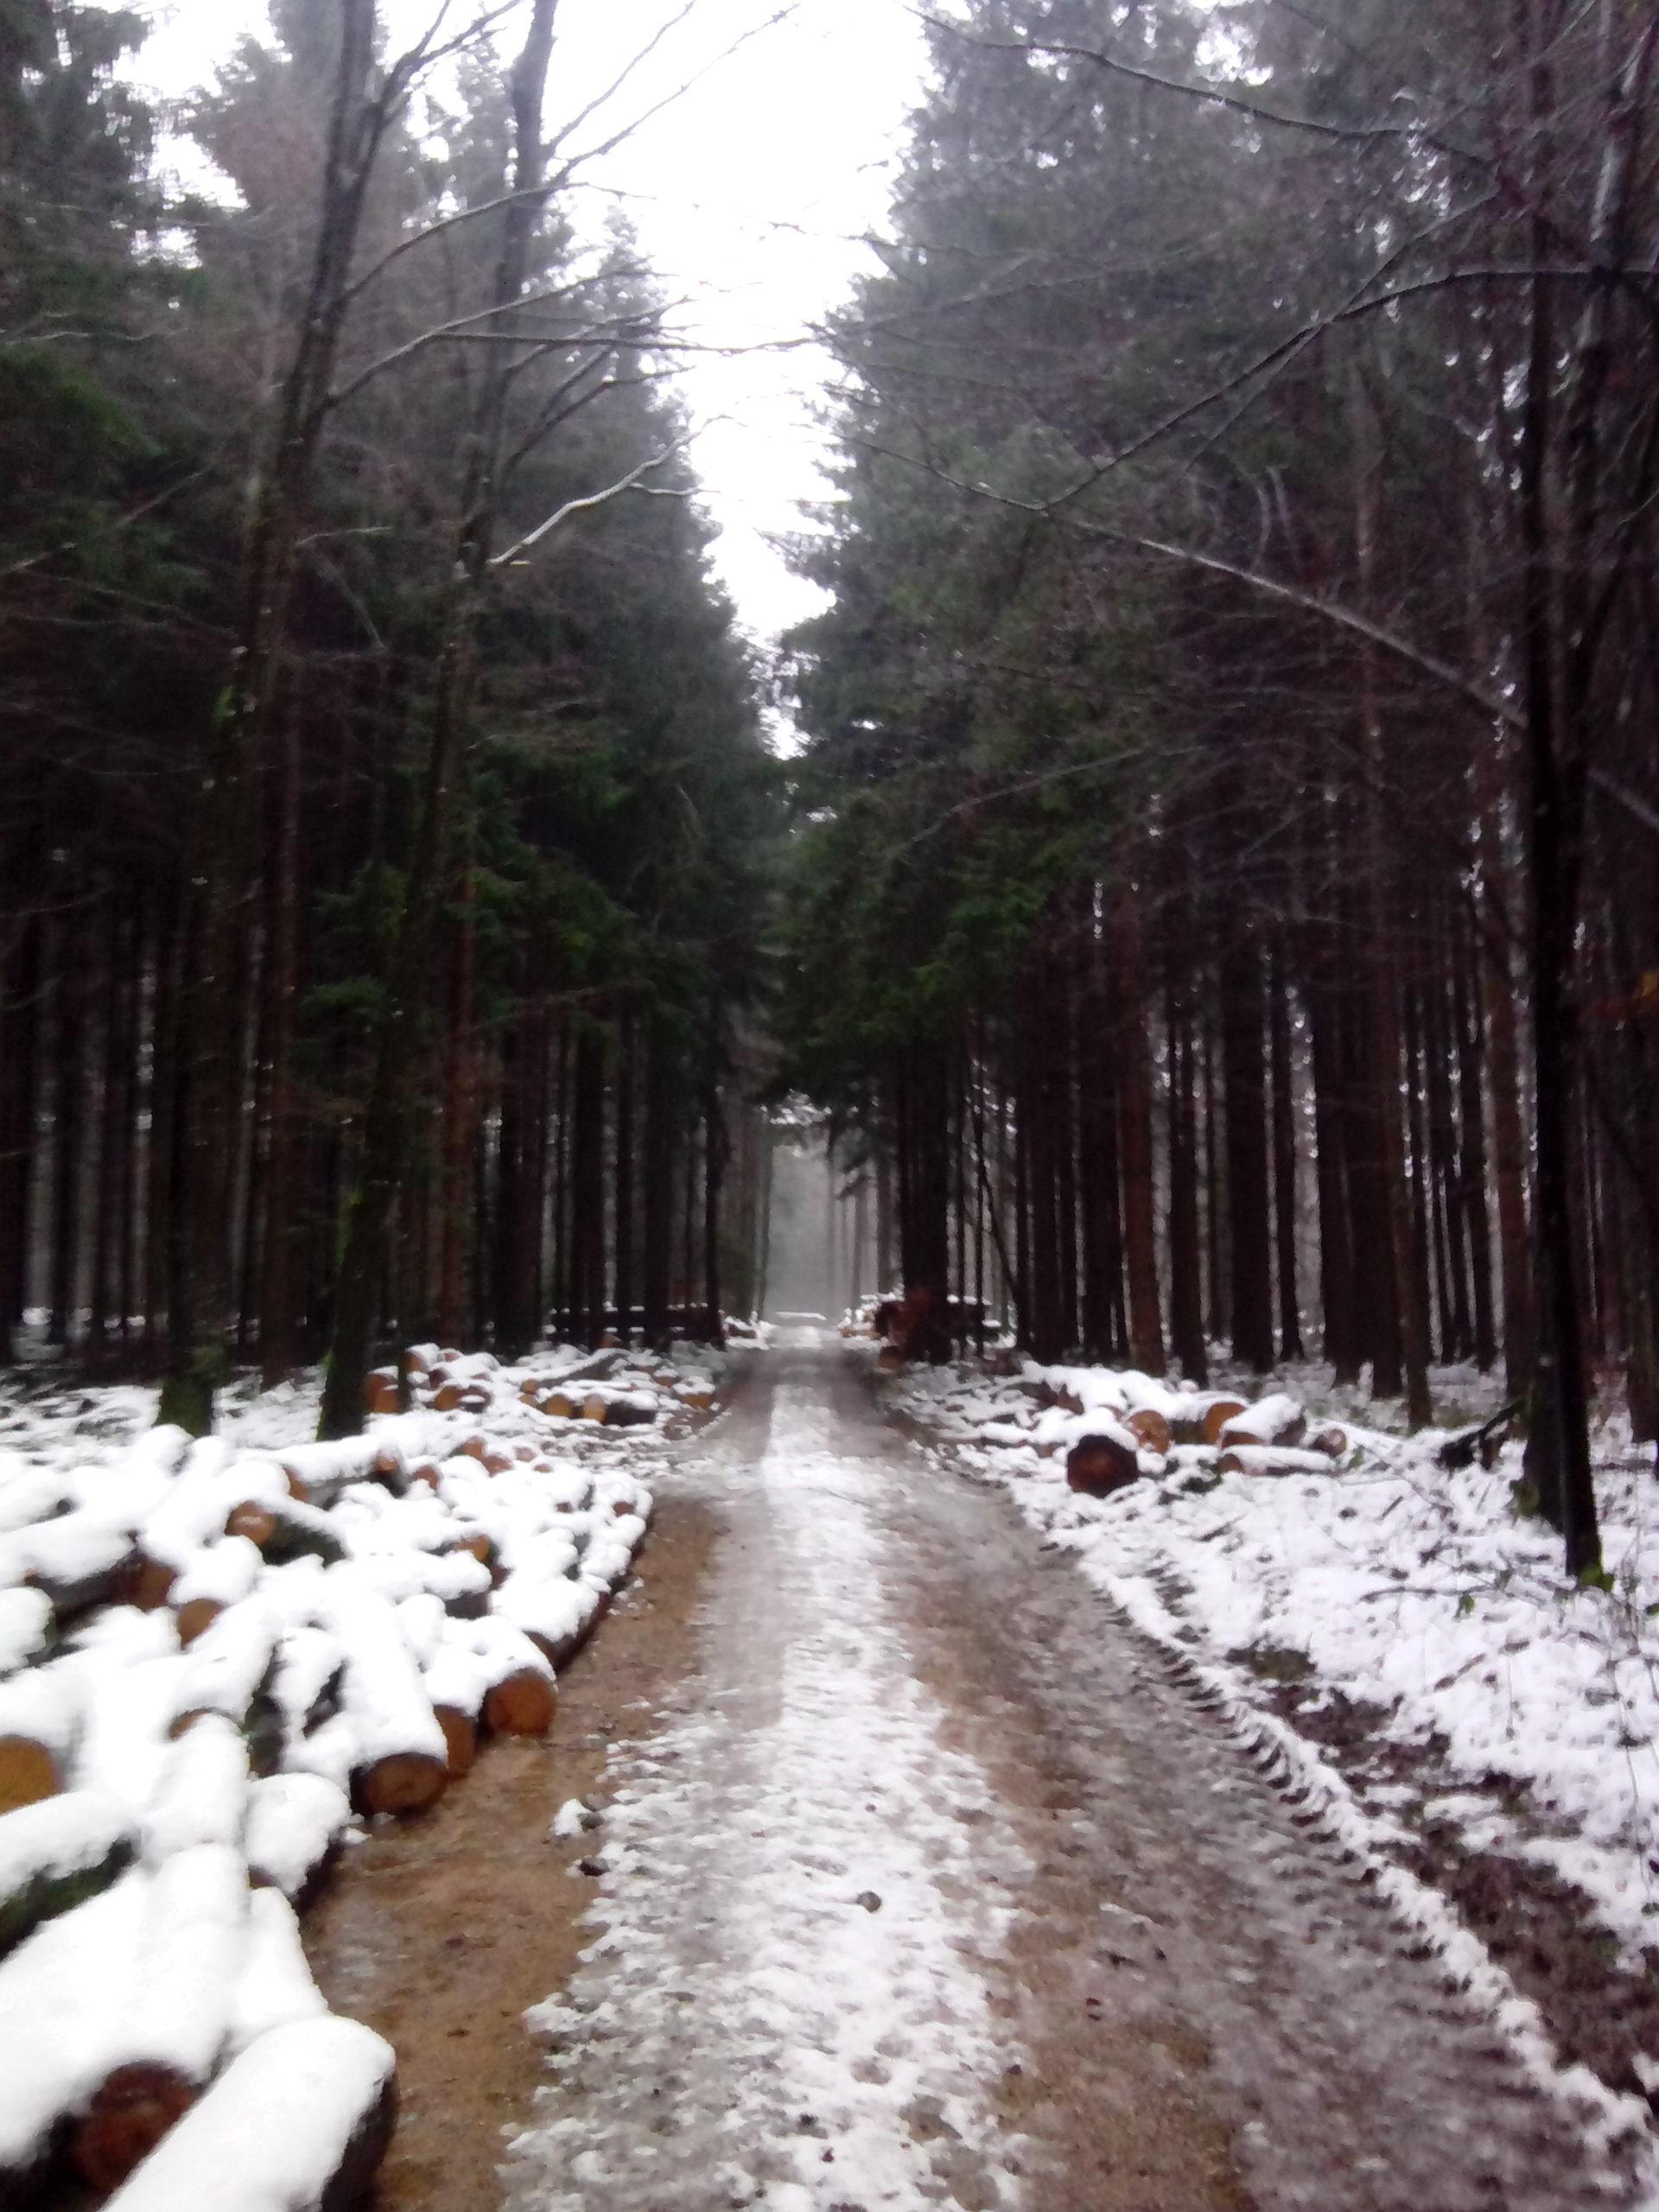 Doch am 3.1.2015 nix mehr mit herrlichem Schnee, nur noch pflotsch